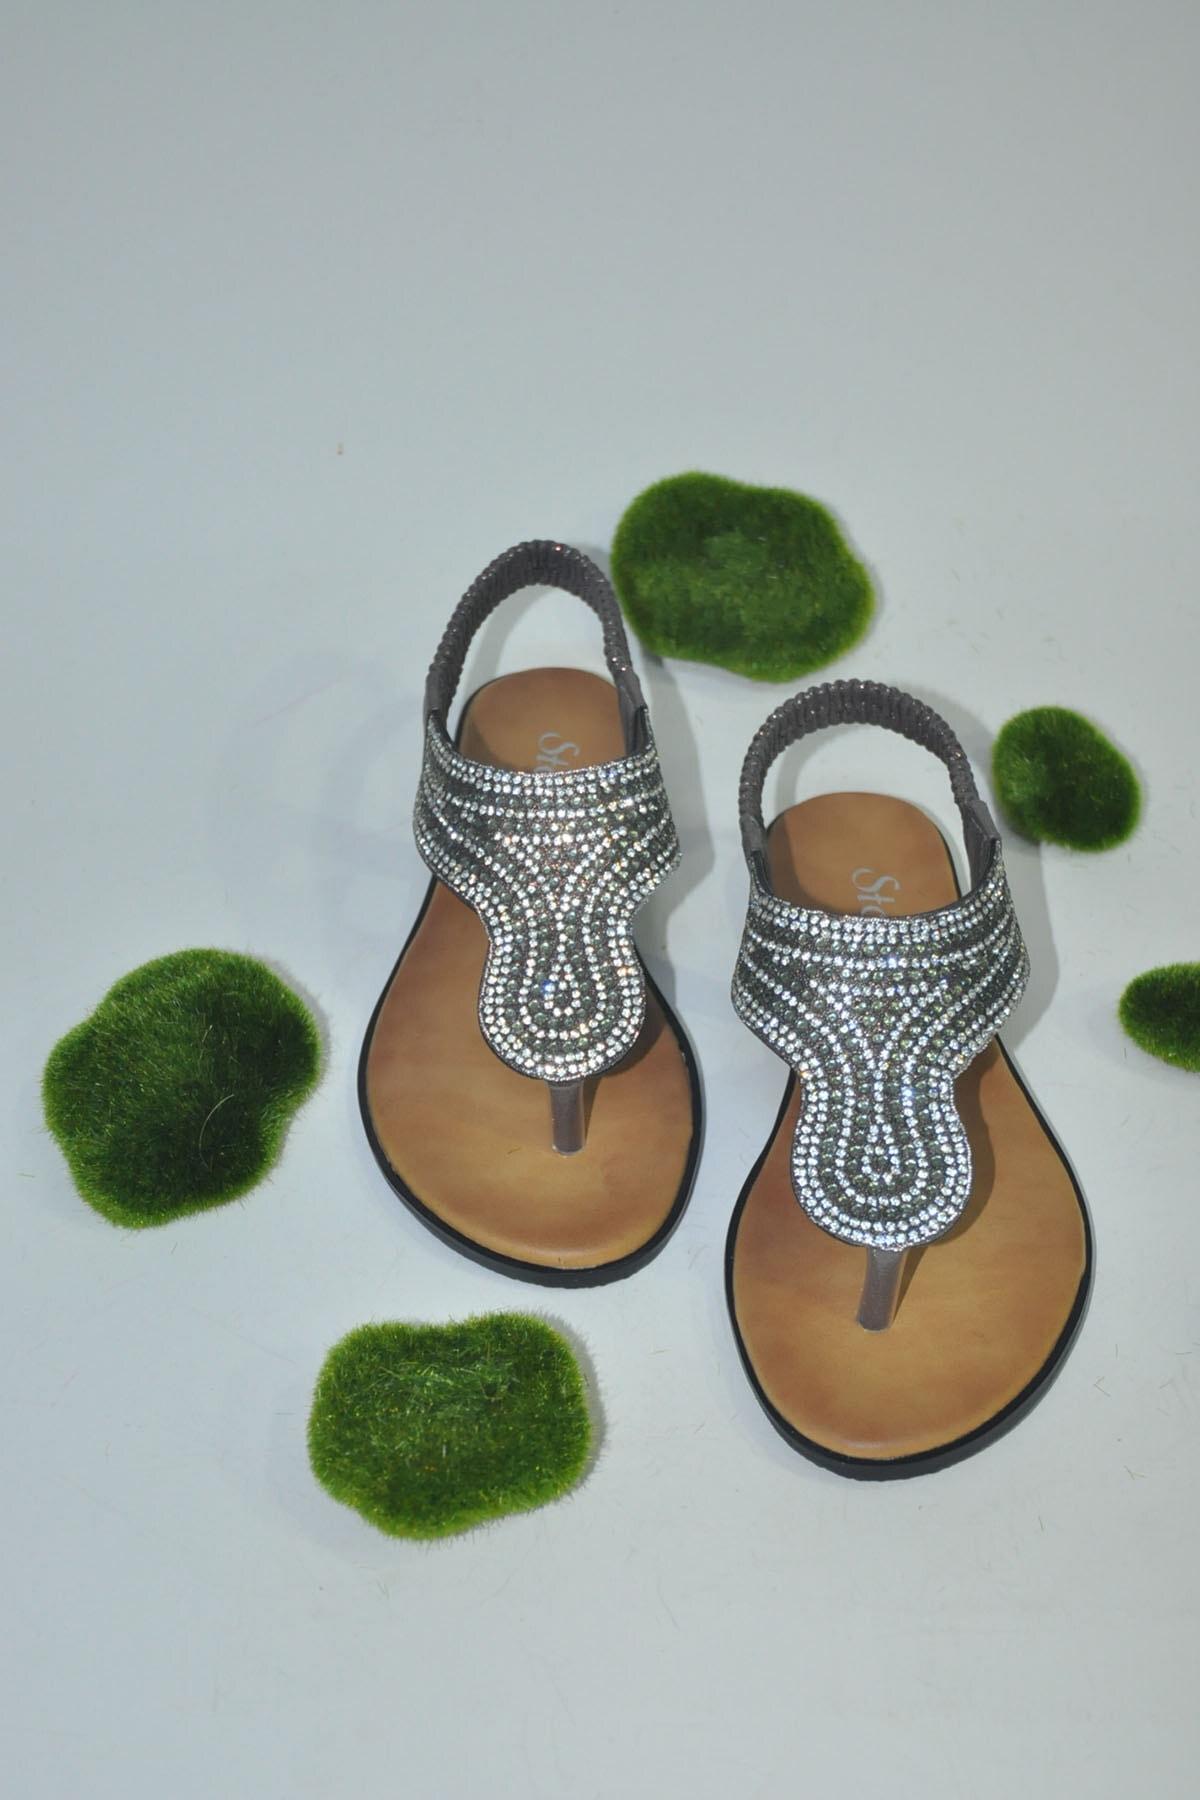 Stocks Shoes Kadın Platin Edına Sandalet